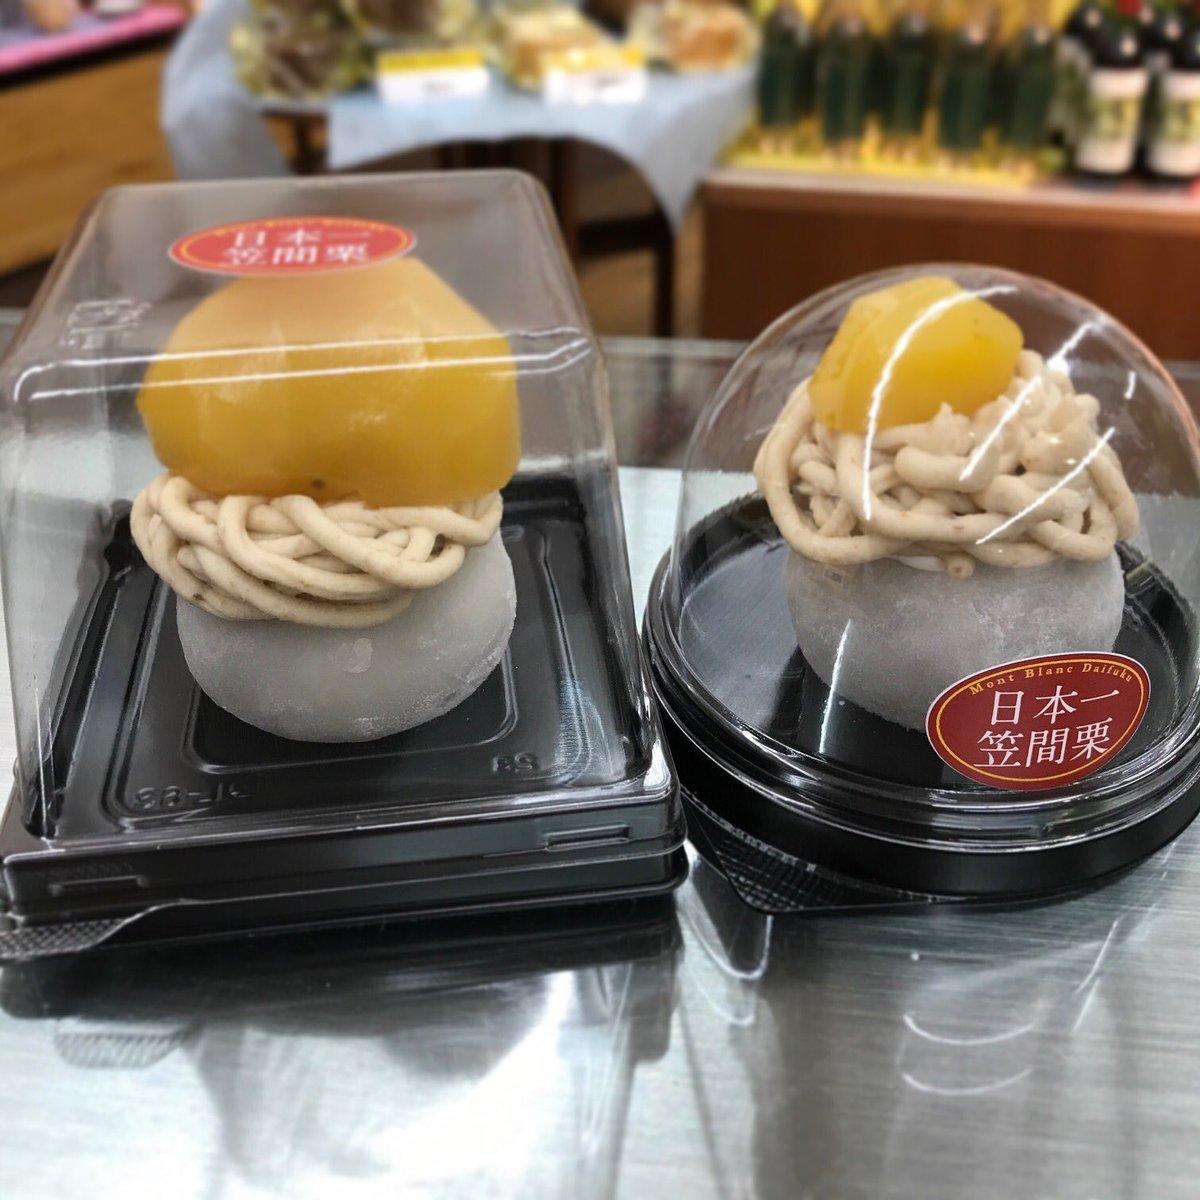 大きい栗のモンブラン大福❗️週末限定で販売してます😆🎶 #大福 #大きい #美味しい